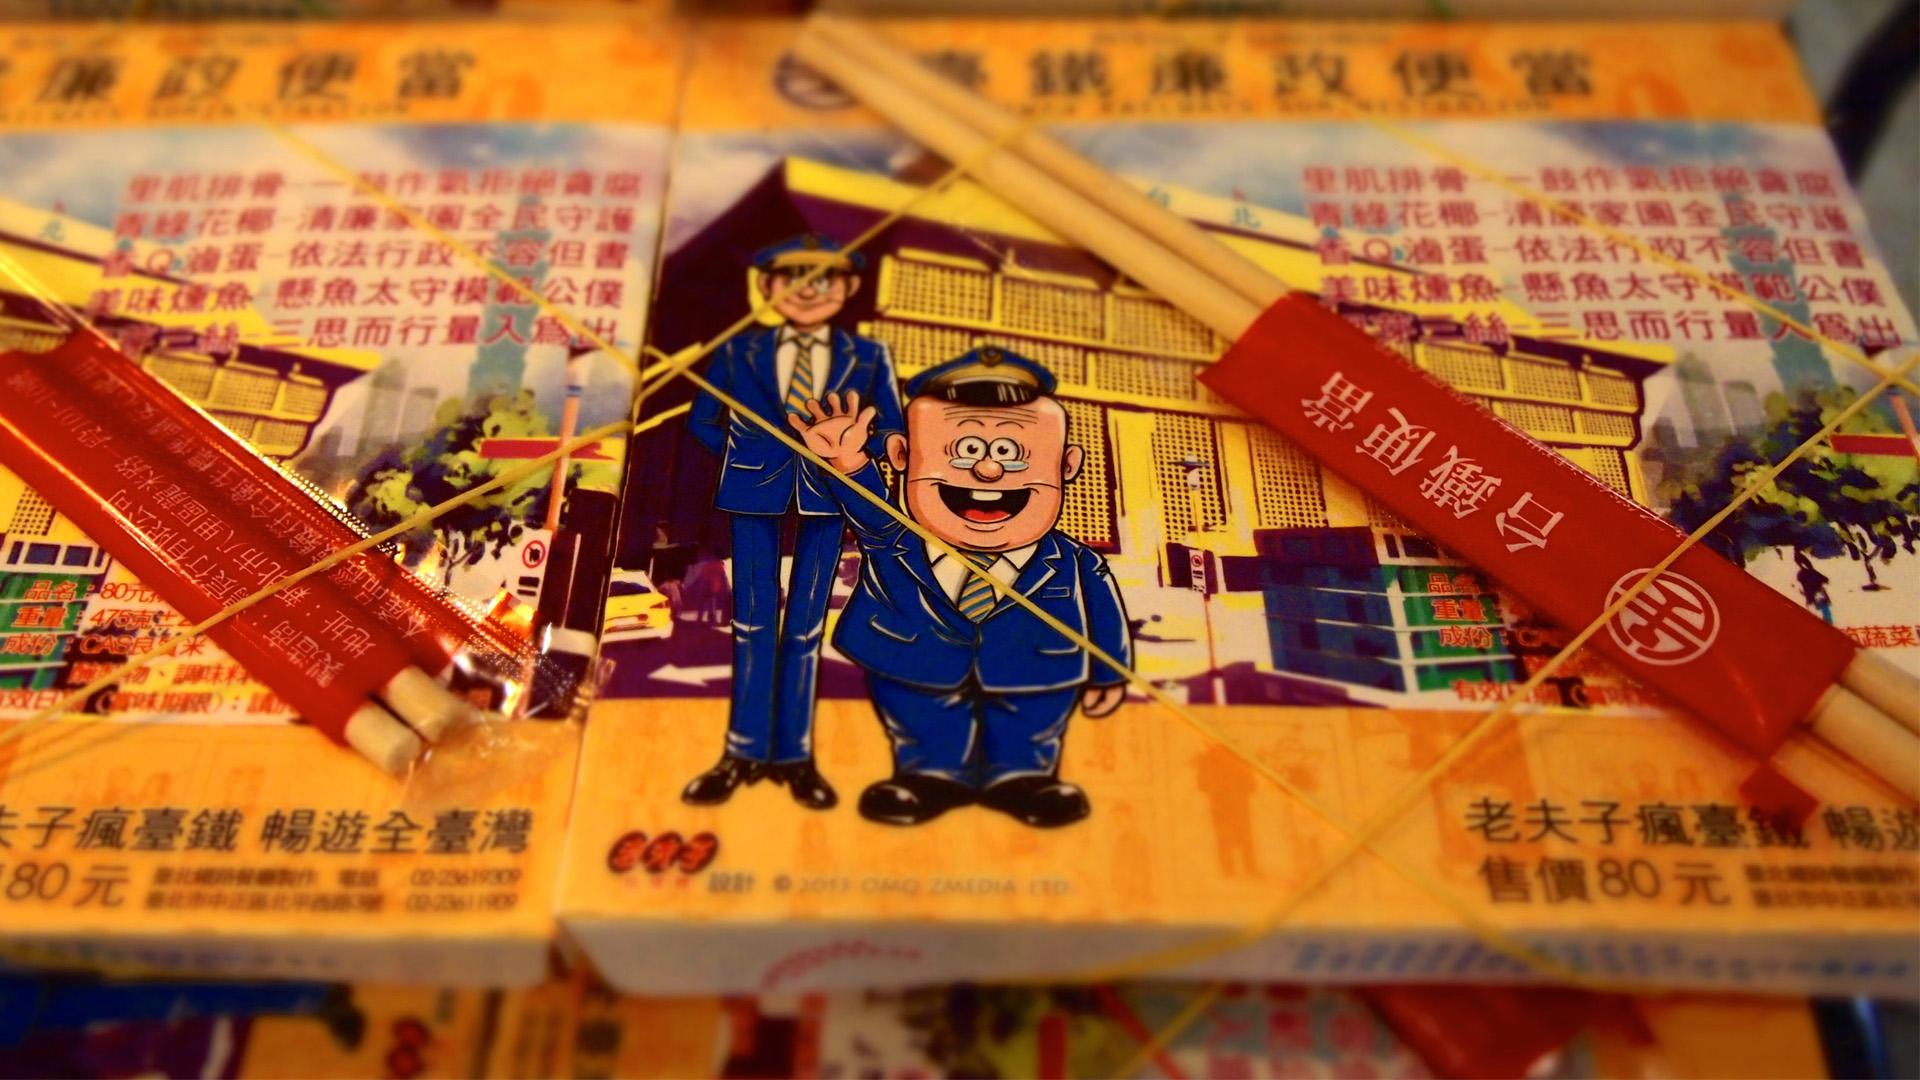 2013 Taiwan Summer